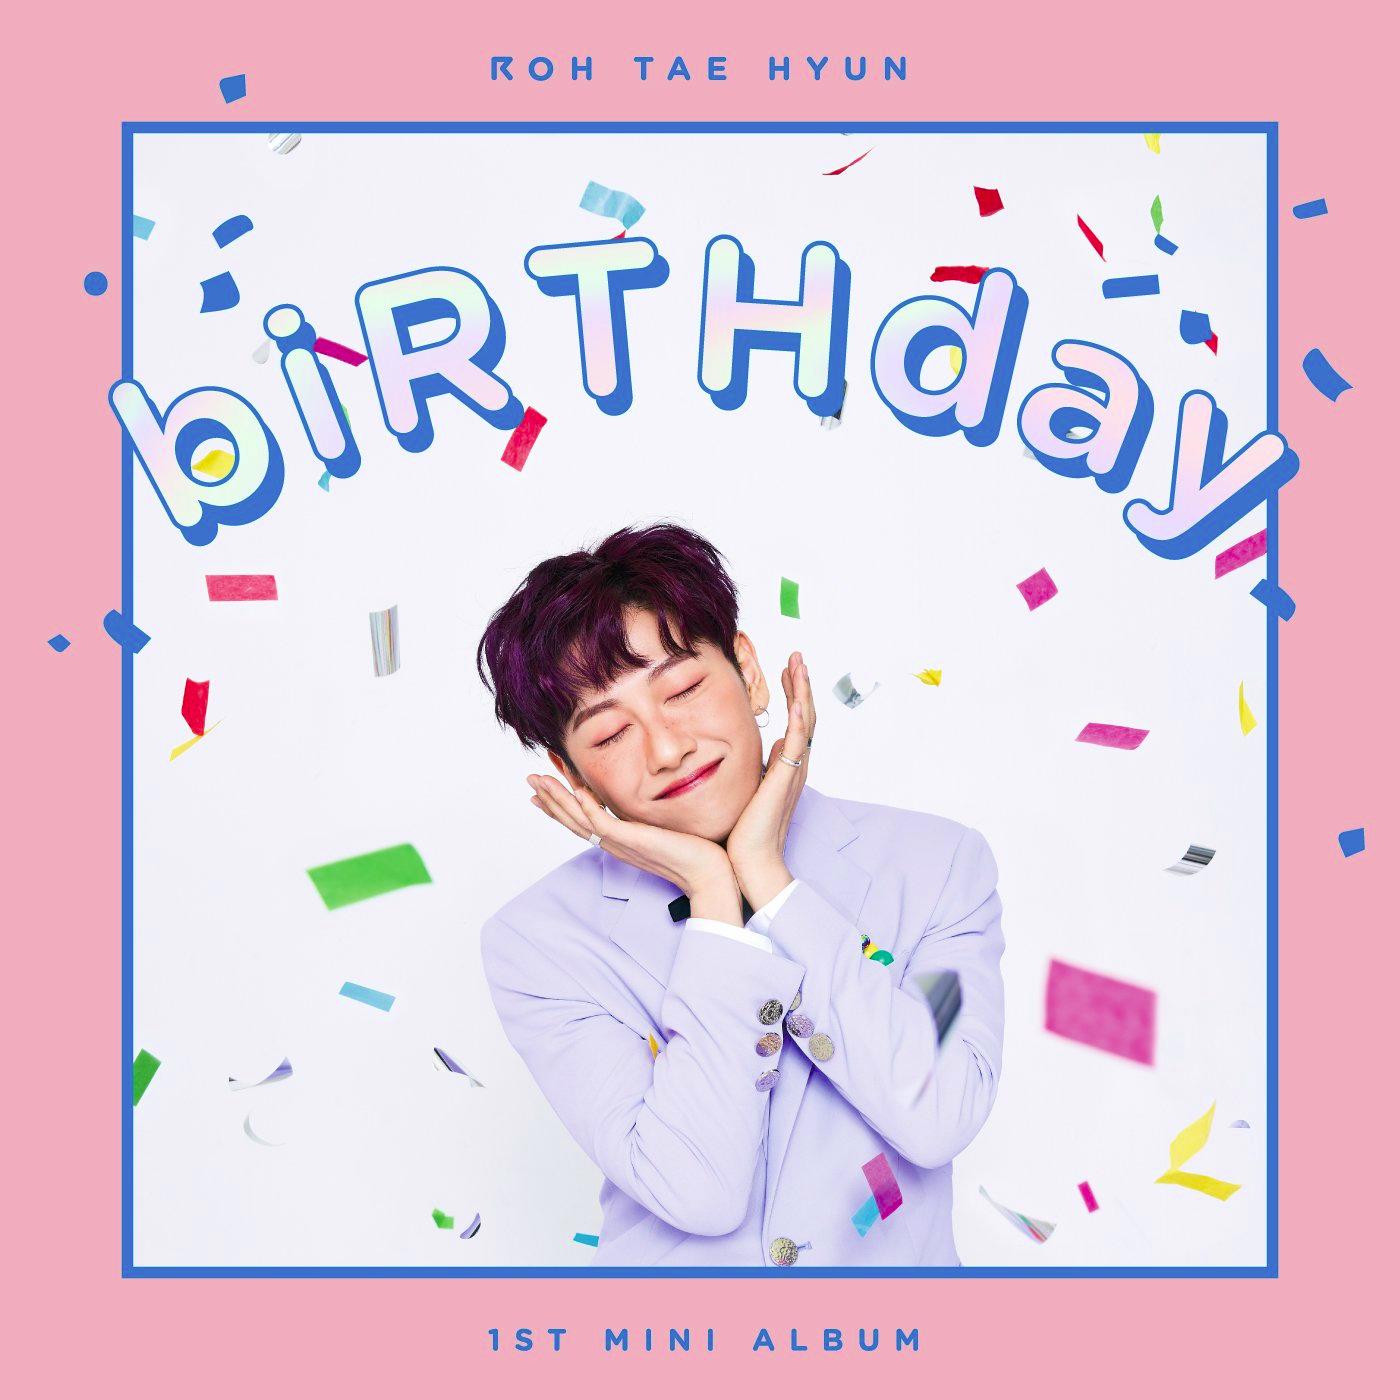 Birthday (Roh Tae Hyun)